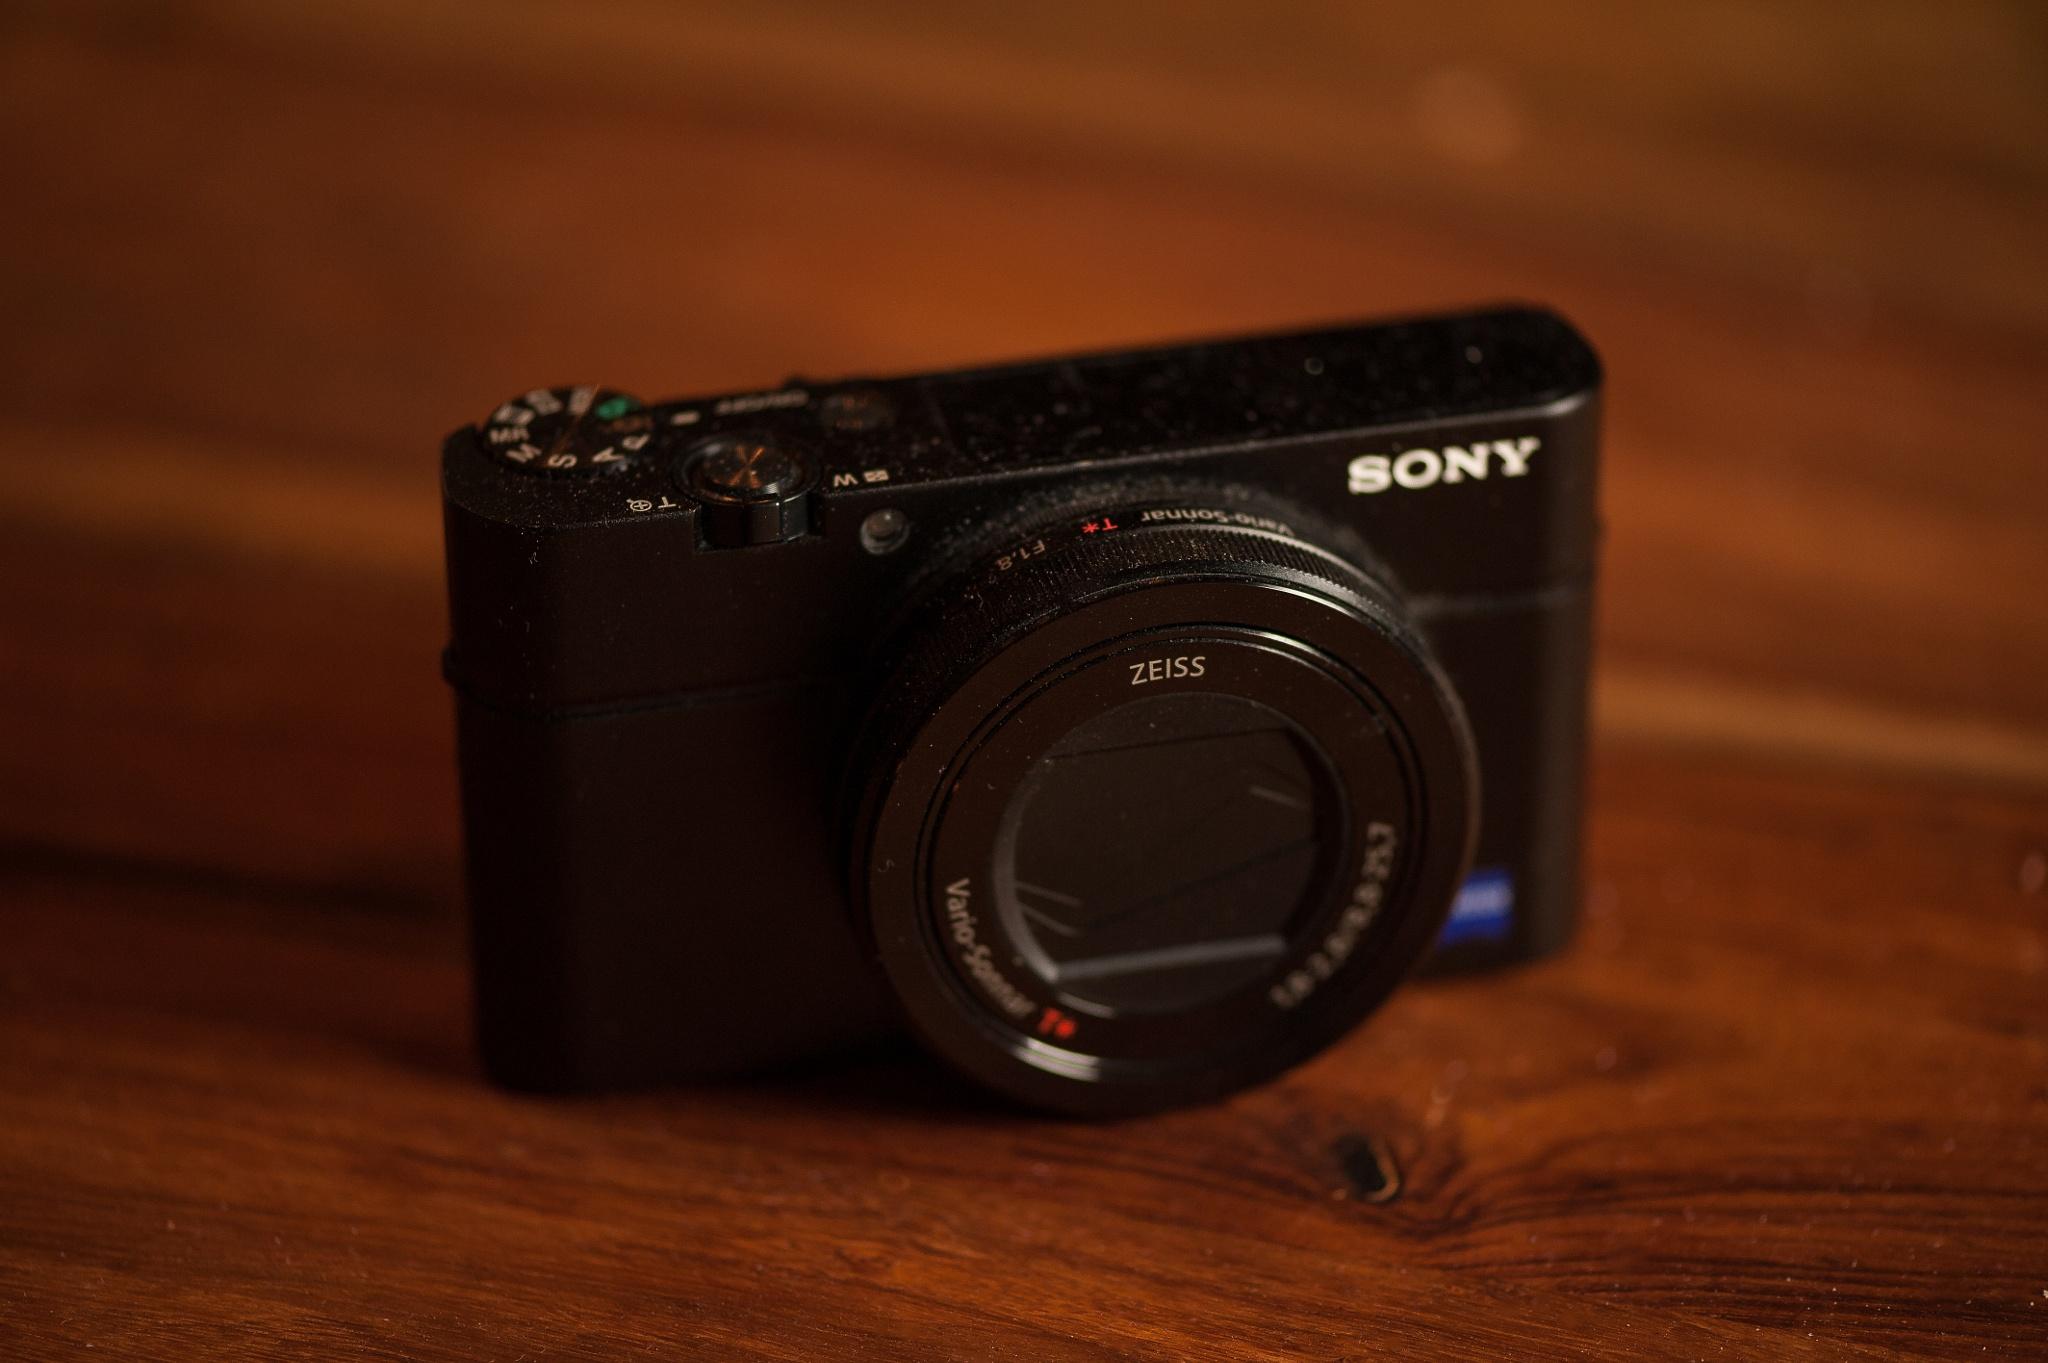 Sony RX 100 M3 by Jens Zieglowski